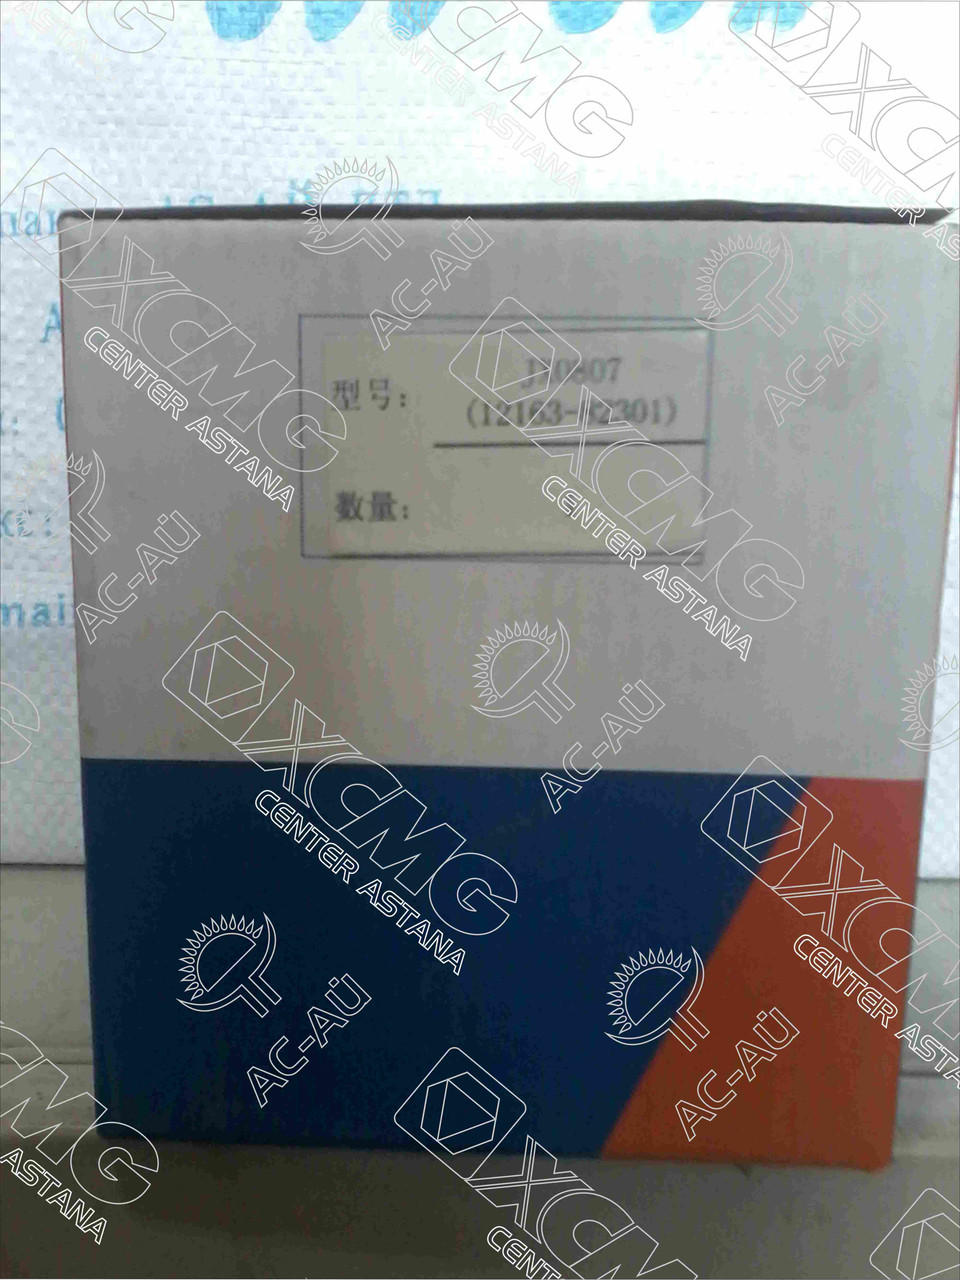 Трансмиссионный фильтр JX0807(12163-82301). CPC20-30